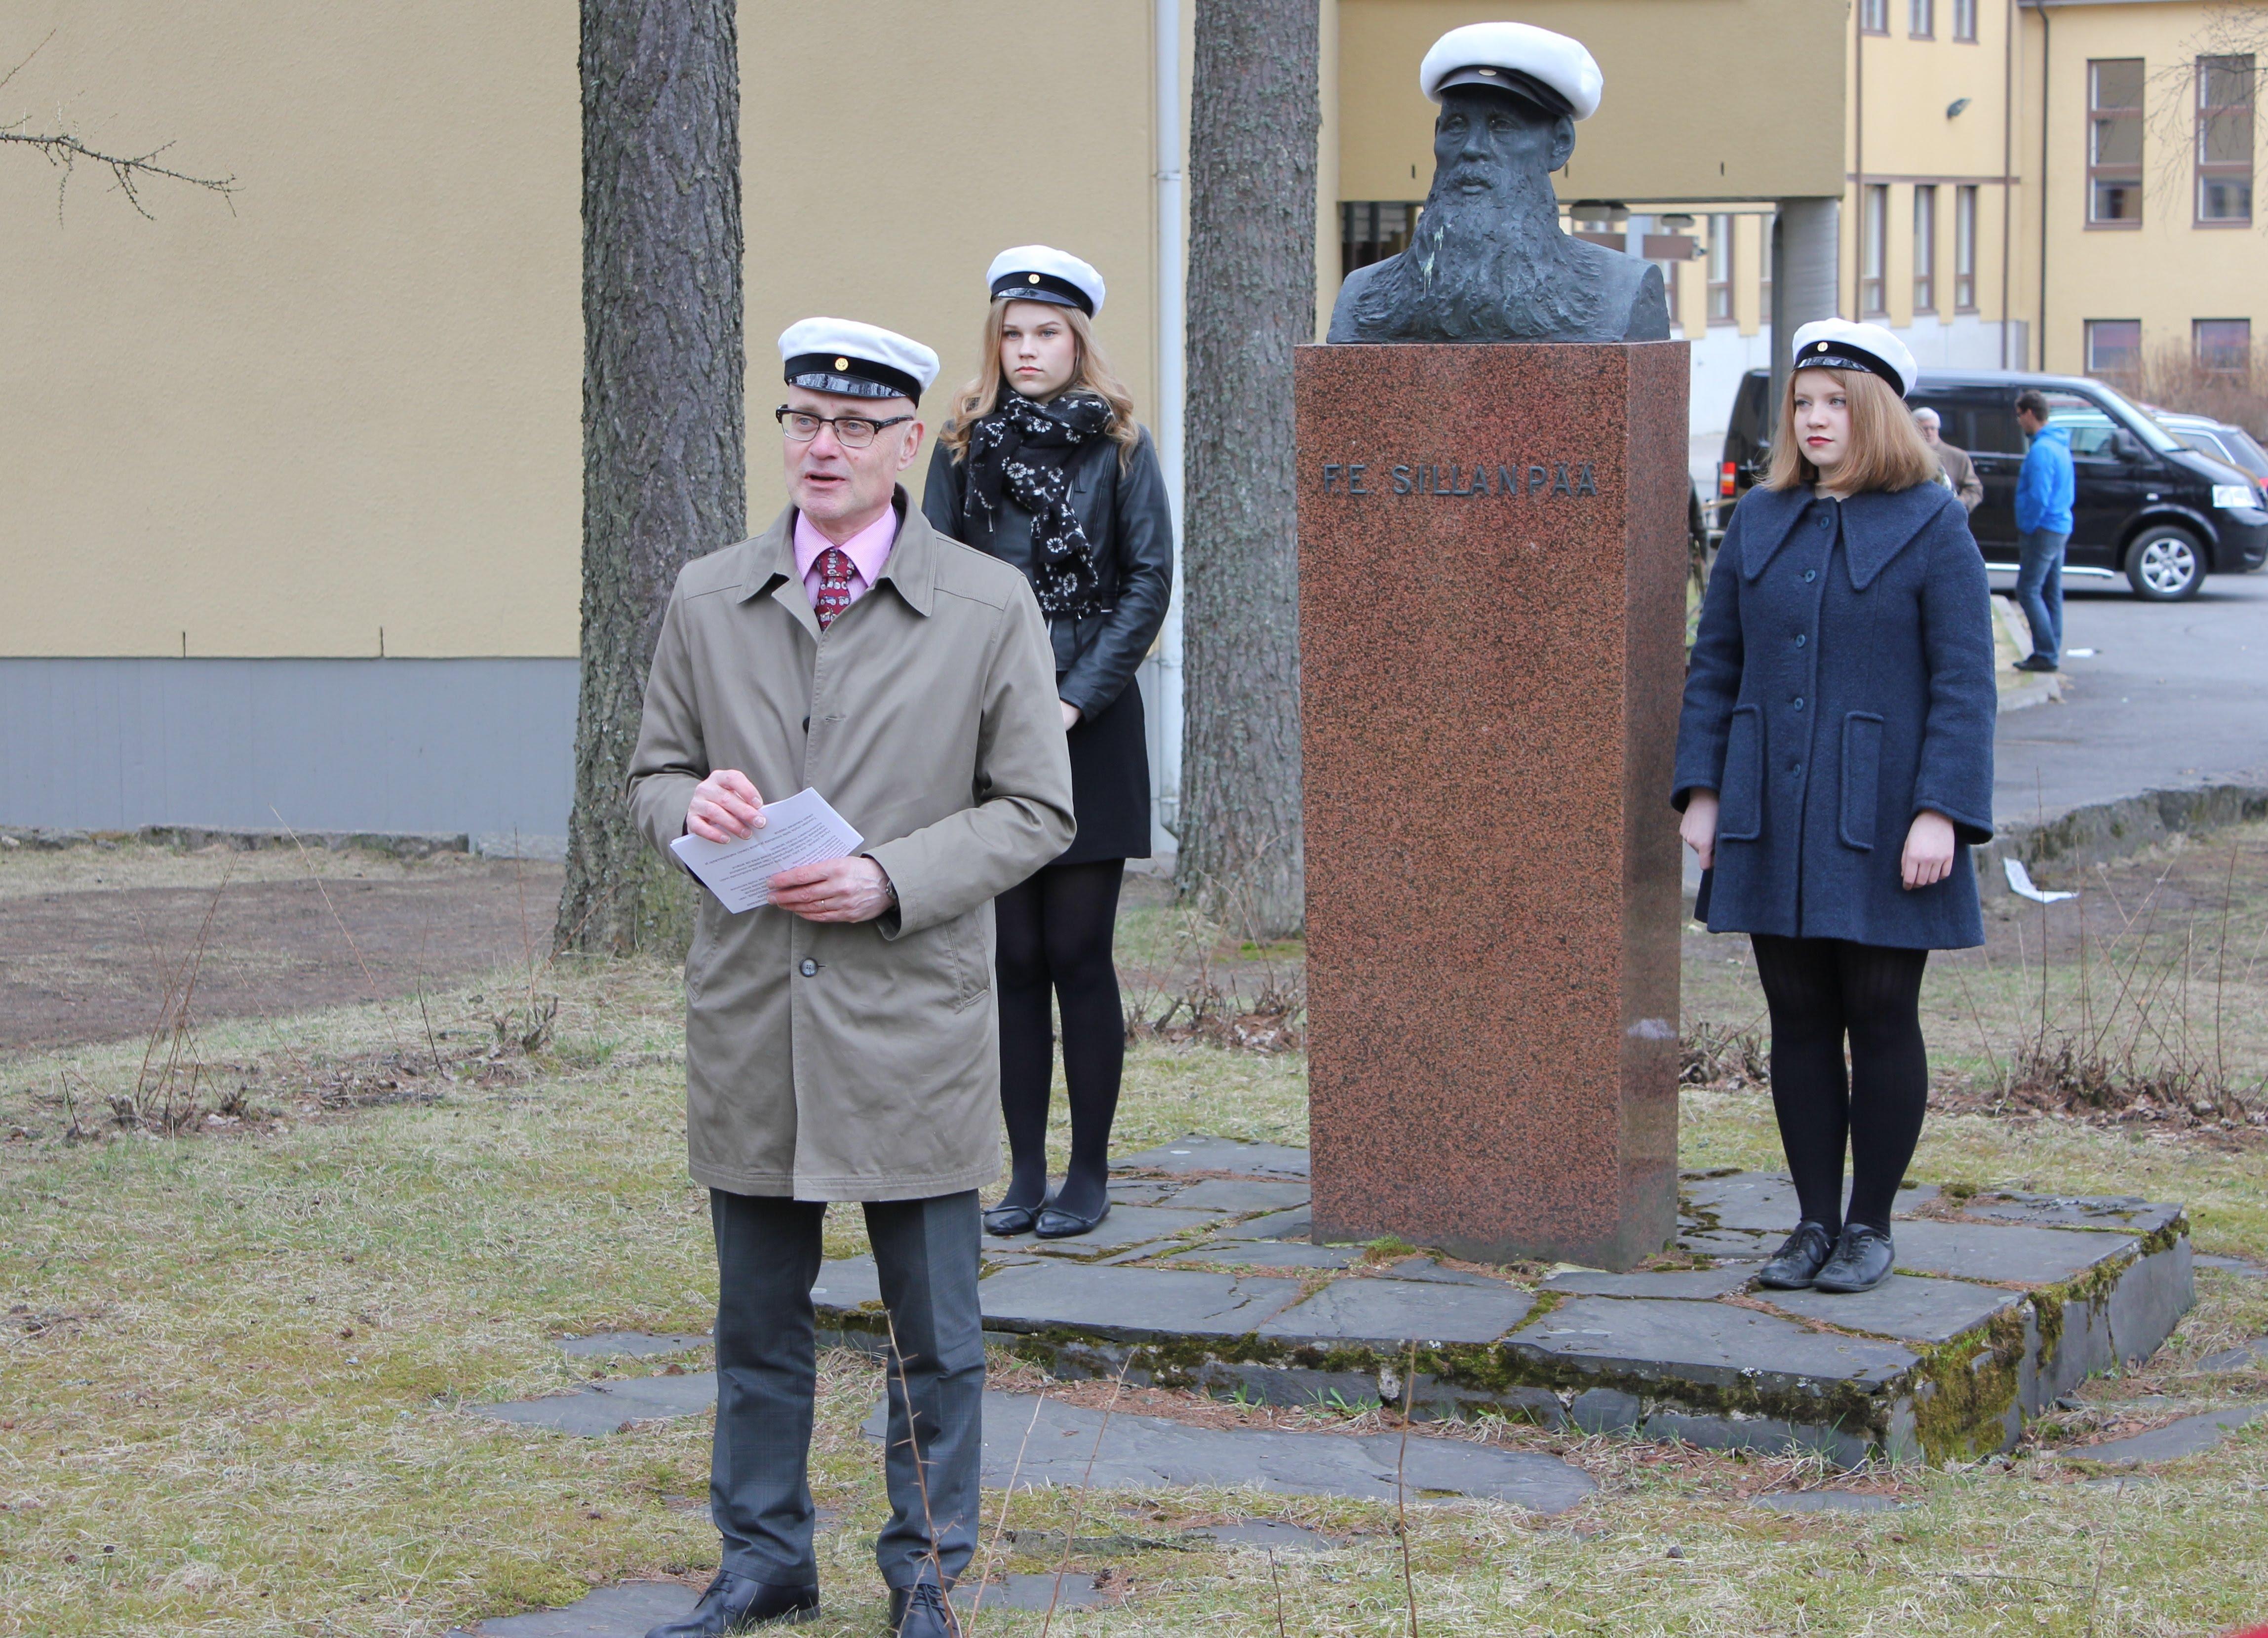 F. E. Sillanpään patsaan vappulakitus 2016